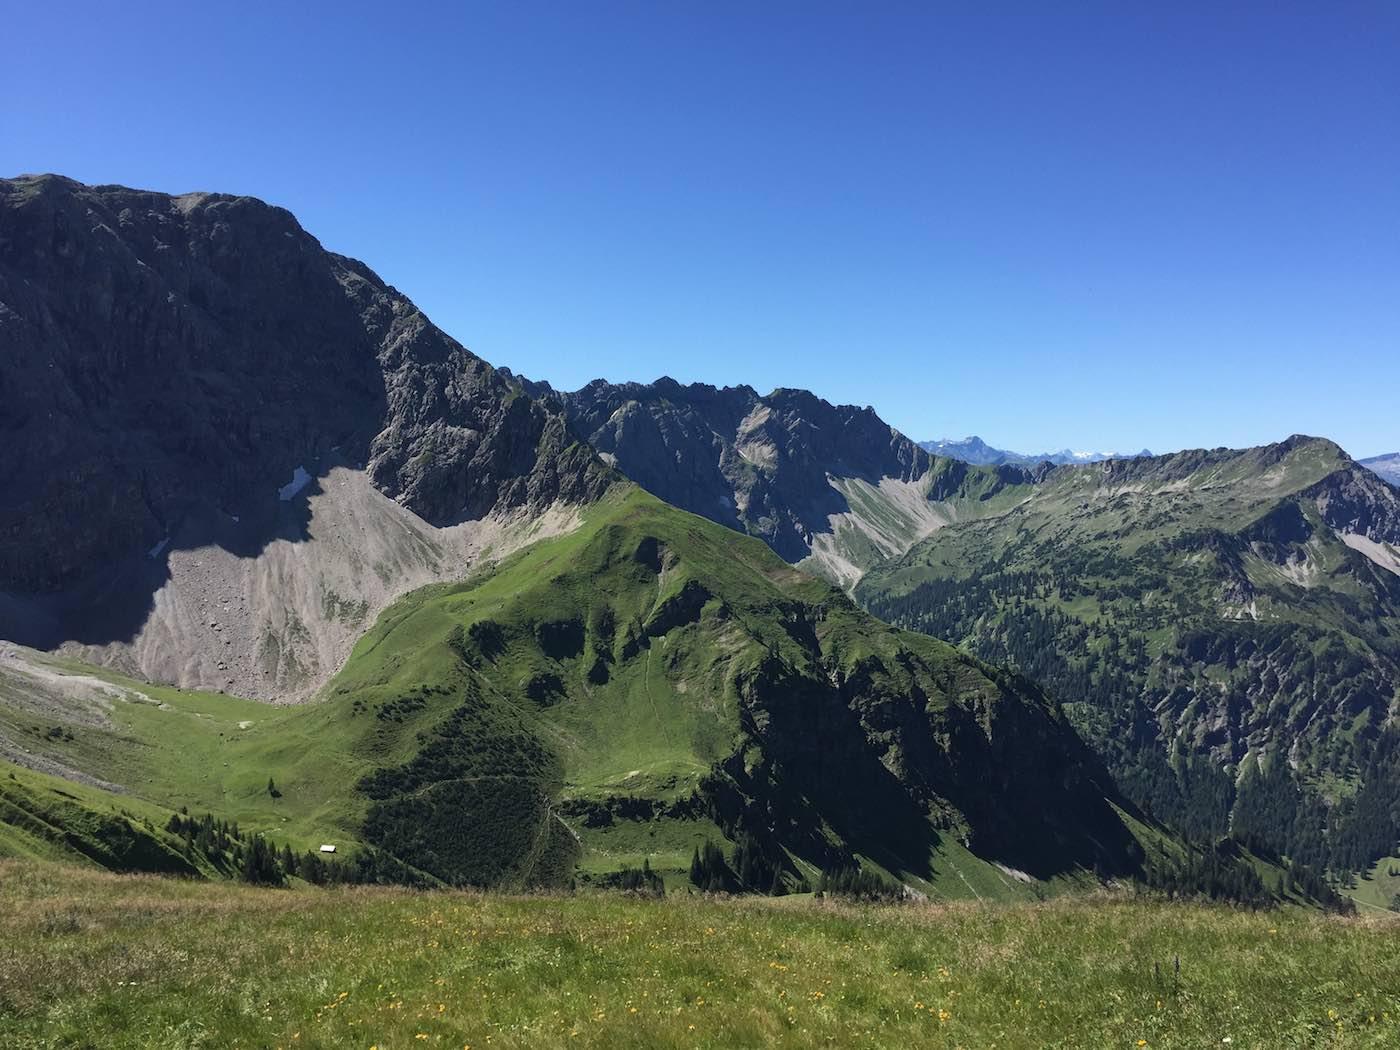 Daumen mit Nebelhorn im Hintergrund